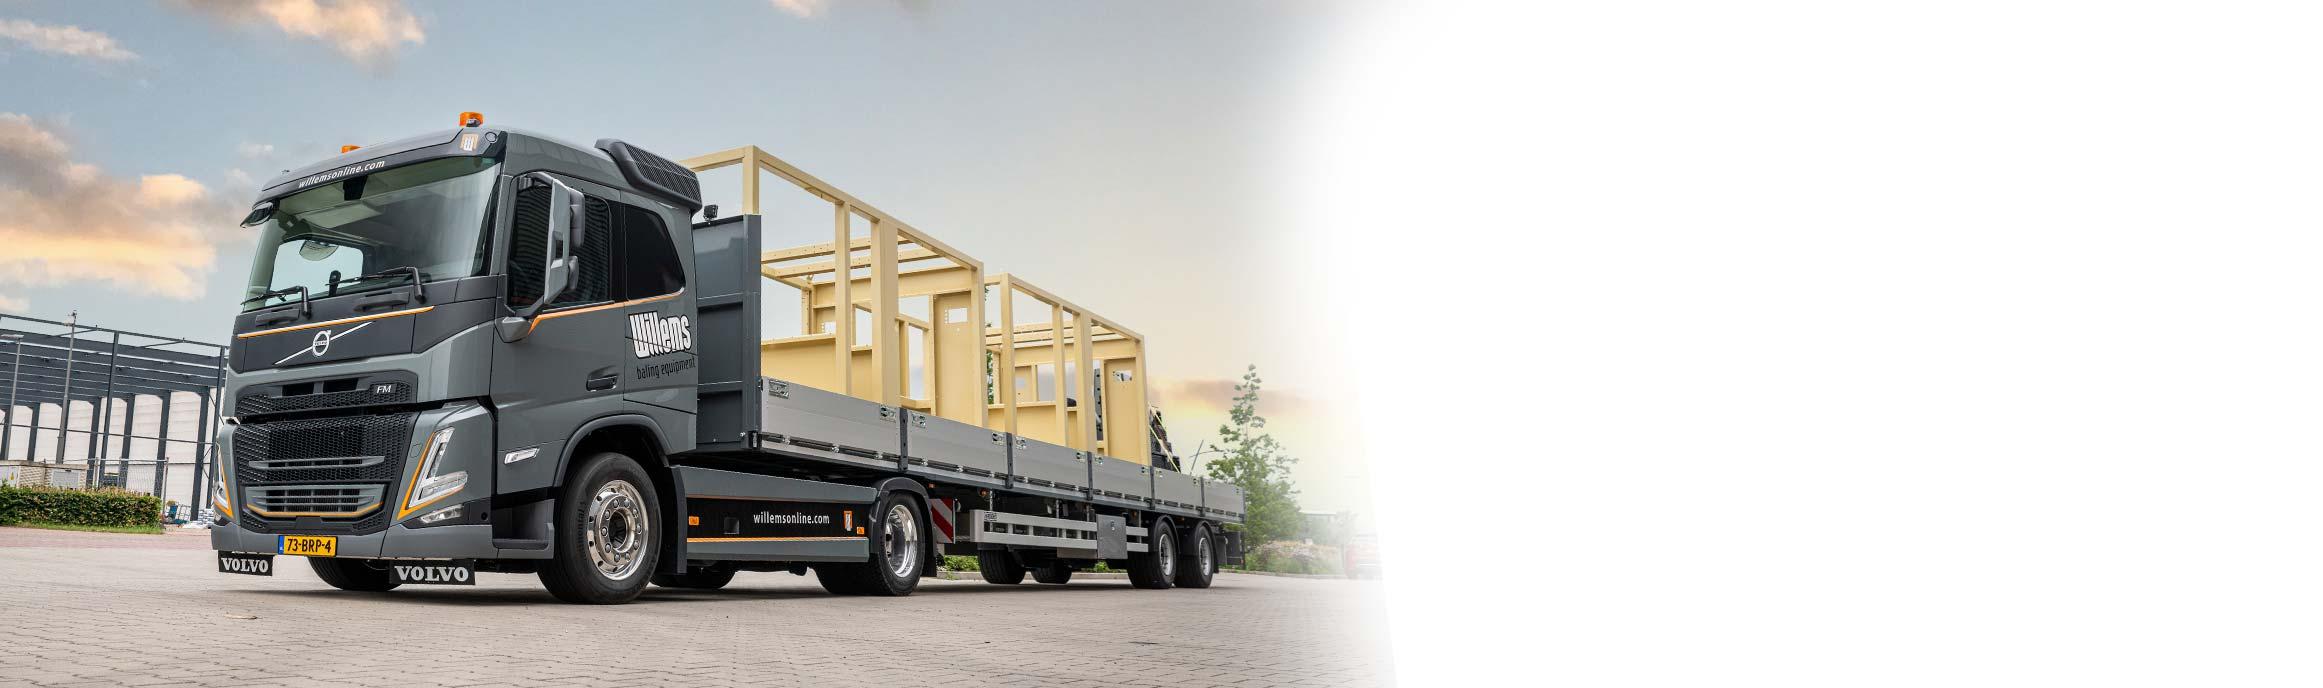 Willems Baling Equipment - Een familiebedrijf dat wereldwijd actief is